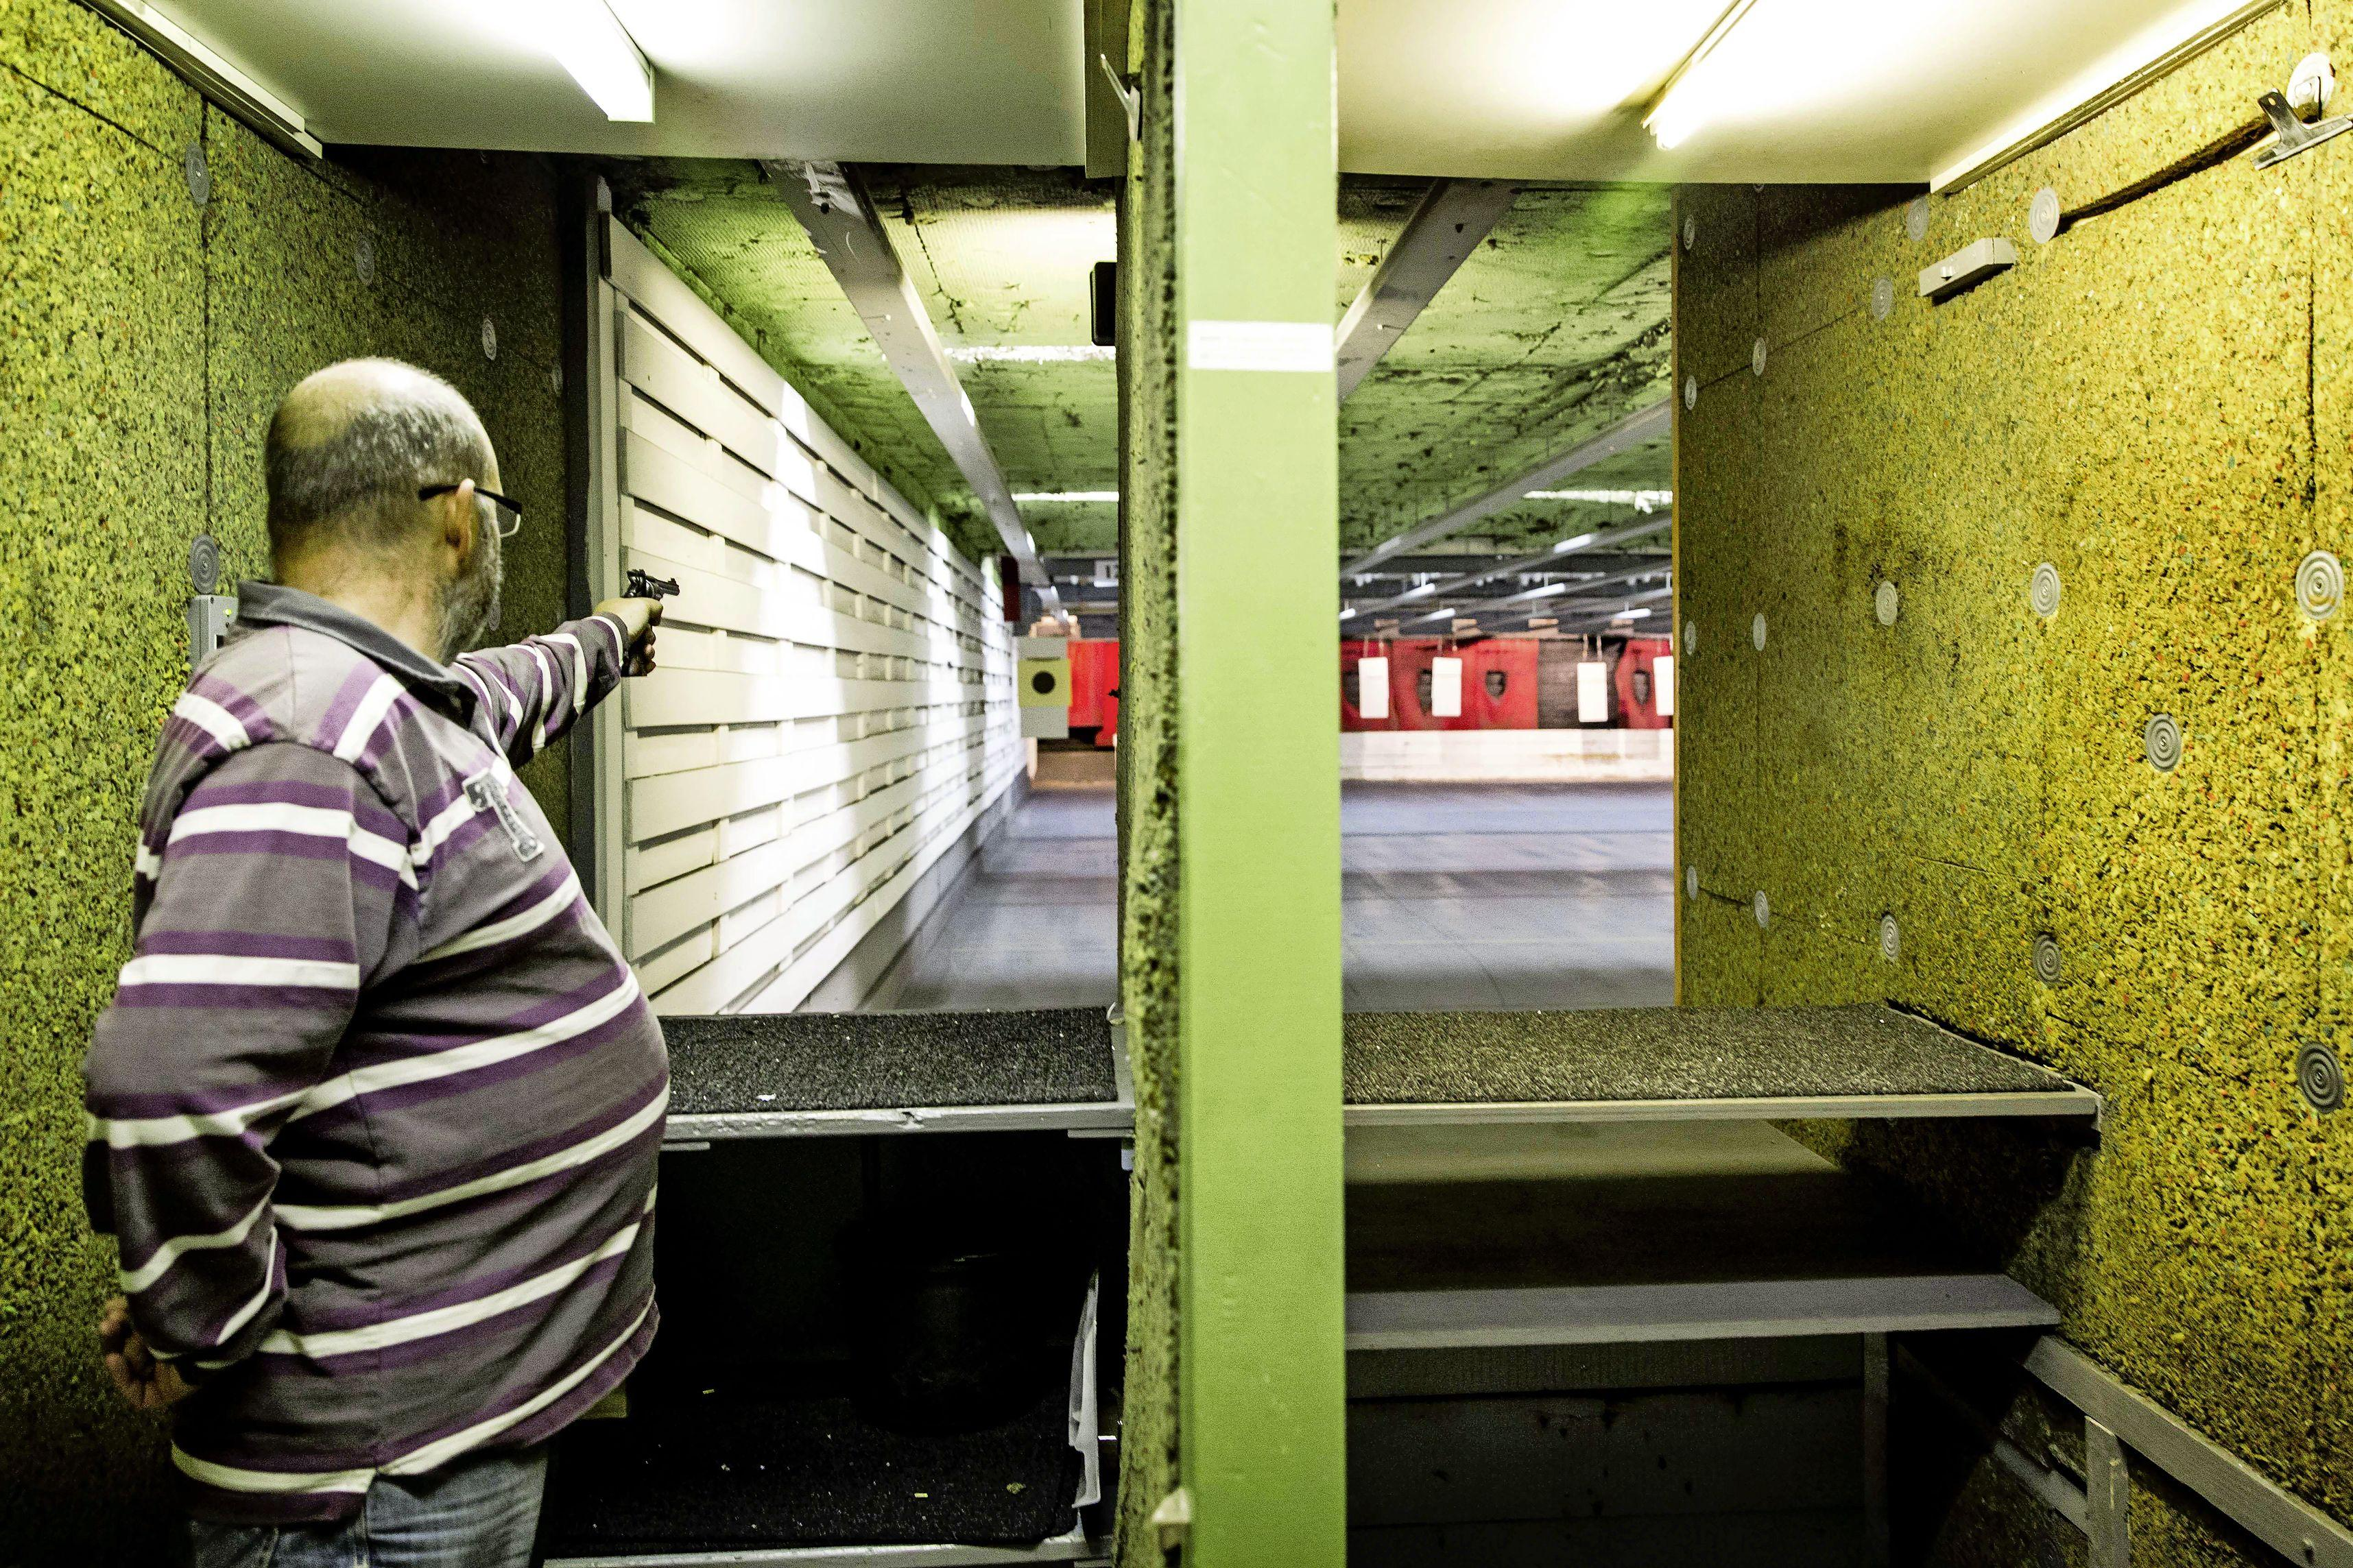 Een biertje te veel kan al betekenen: vuurwapens inleveren. Toch is de controle op wapenvergunningen tien jaar na 'Alphen' nog altijd mensenwerk